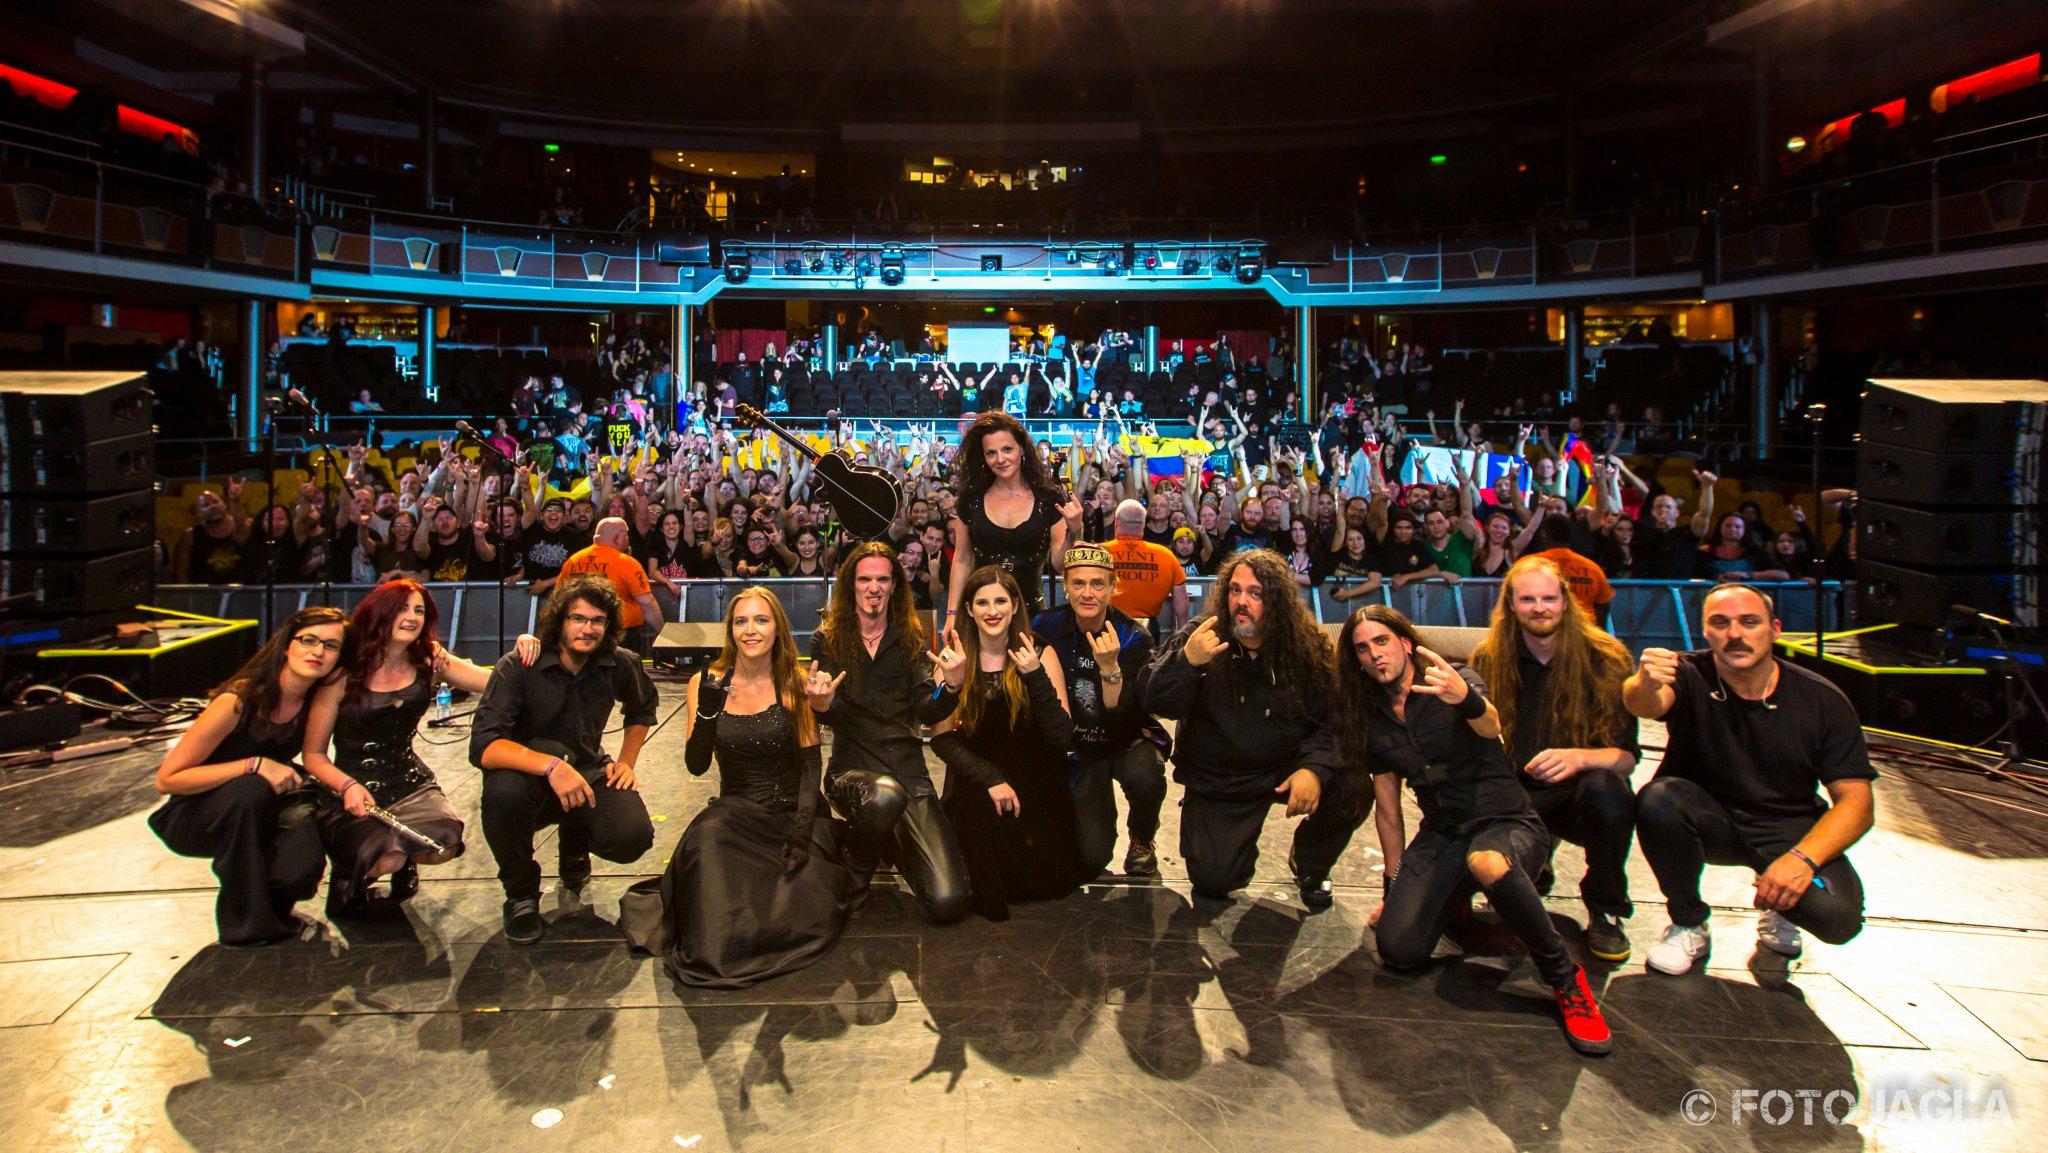 Abschlussfoto von HAGGARD auf dem 70000 Tons of Metal Festival 2017